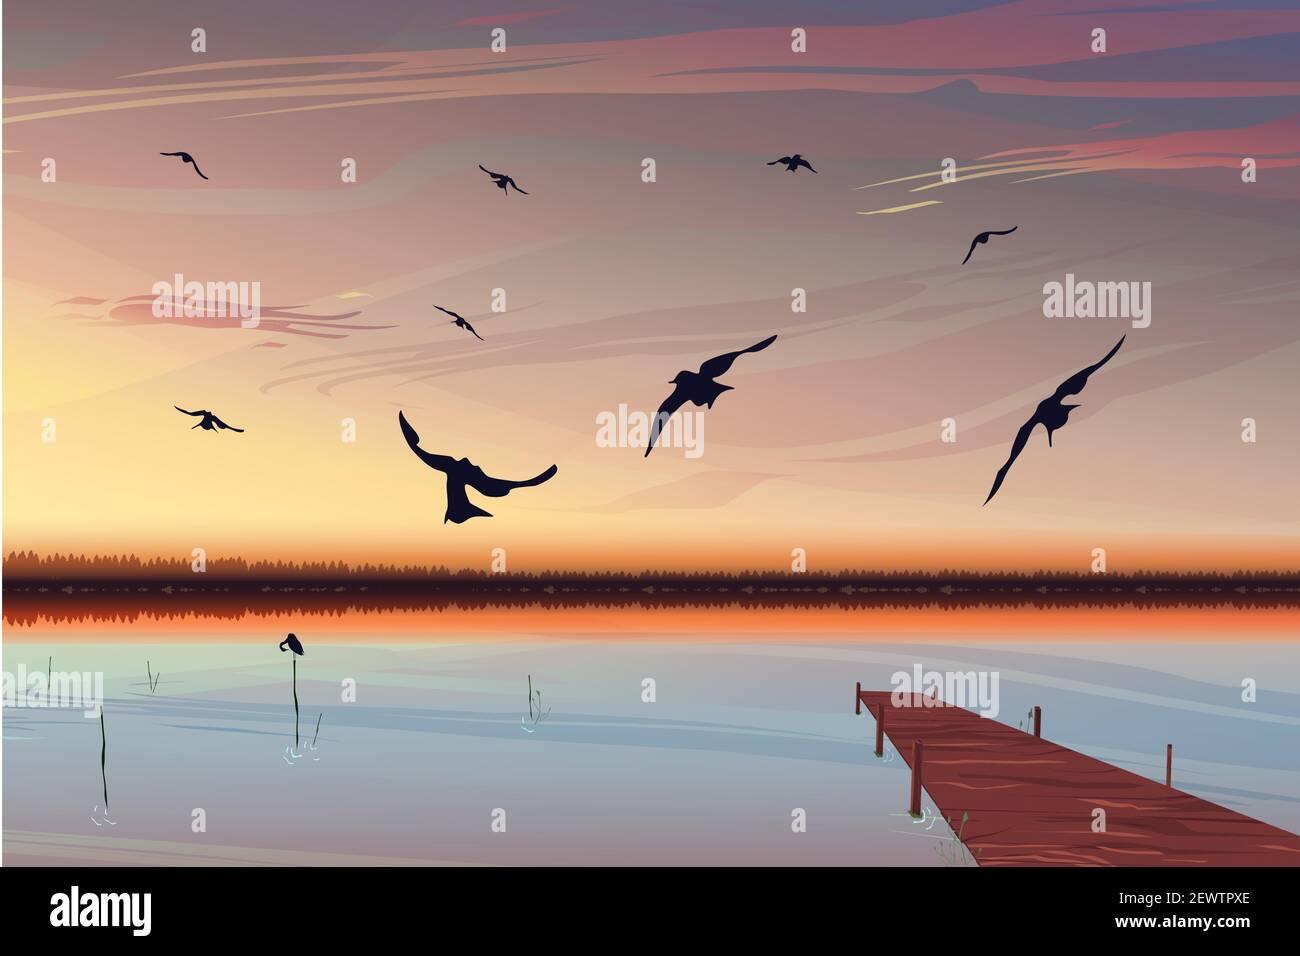 Coucher de soleil réaliste et lumineux sur le lac avec un quai en arrière-plan. Les oiseaux volent au premier plan. Belle aube avec un ciel jaune-rose chaud. Landscap Illustration de Vecteur